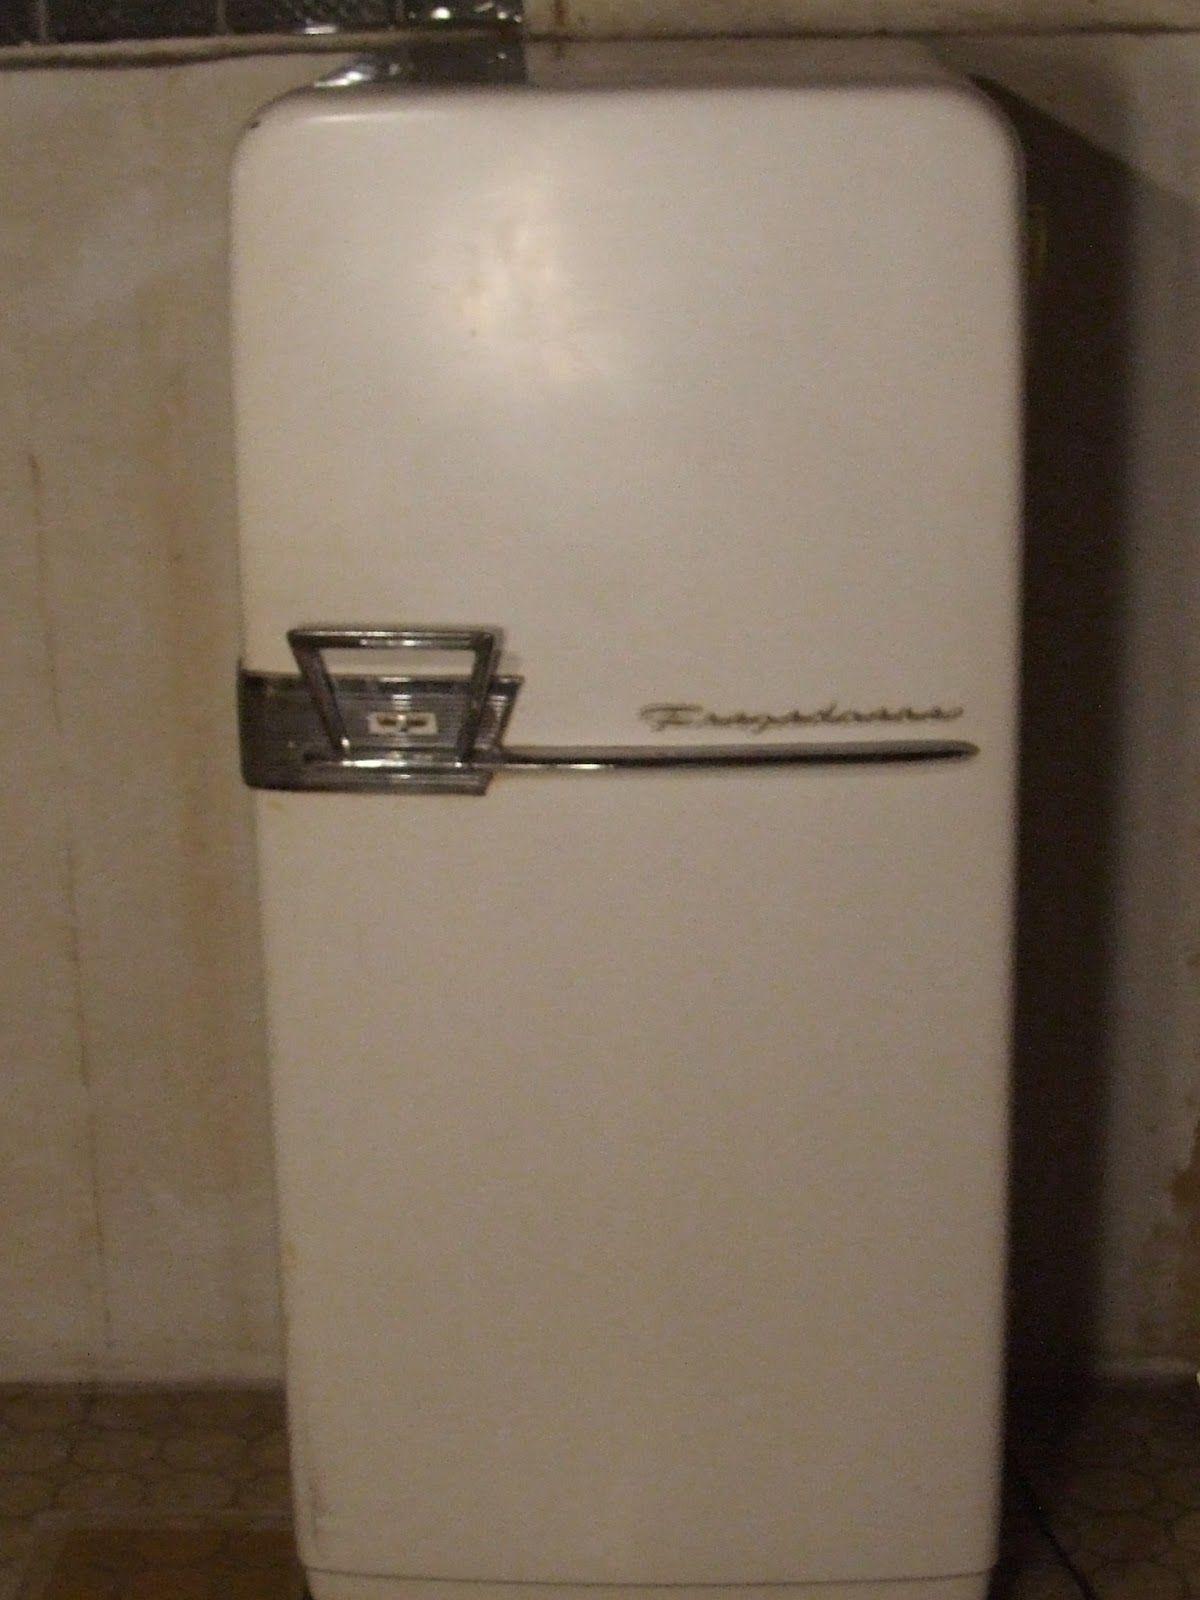 1950 S Frigidaire Refrigerator Frigidaire Refrigerator